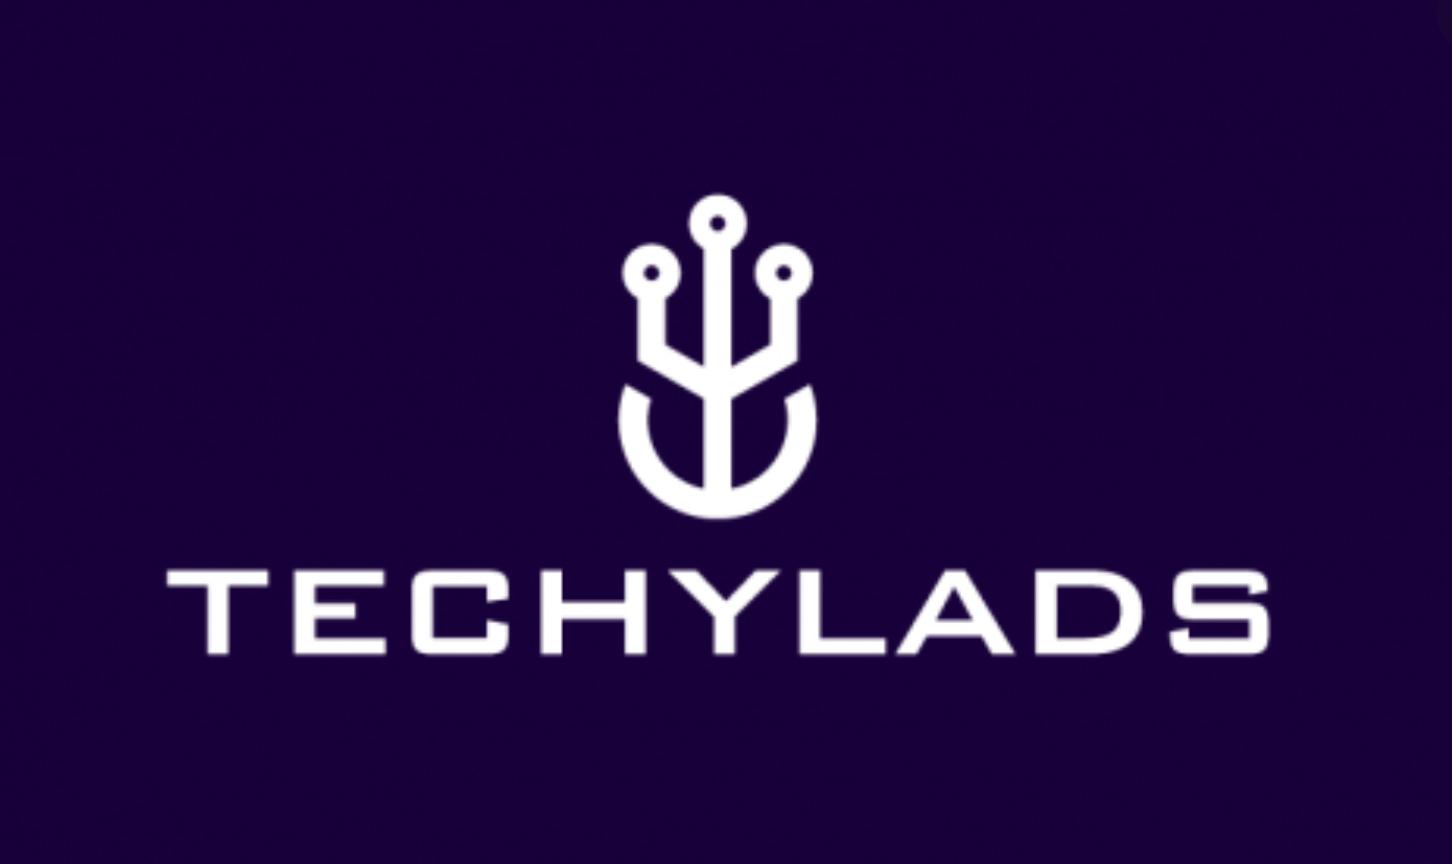 TechyLads.com